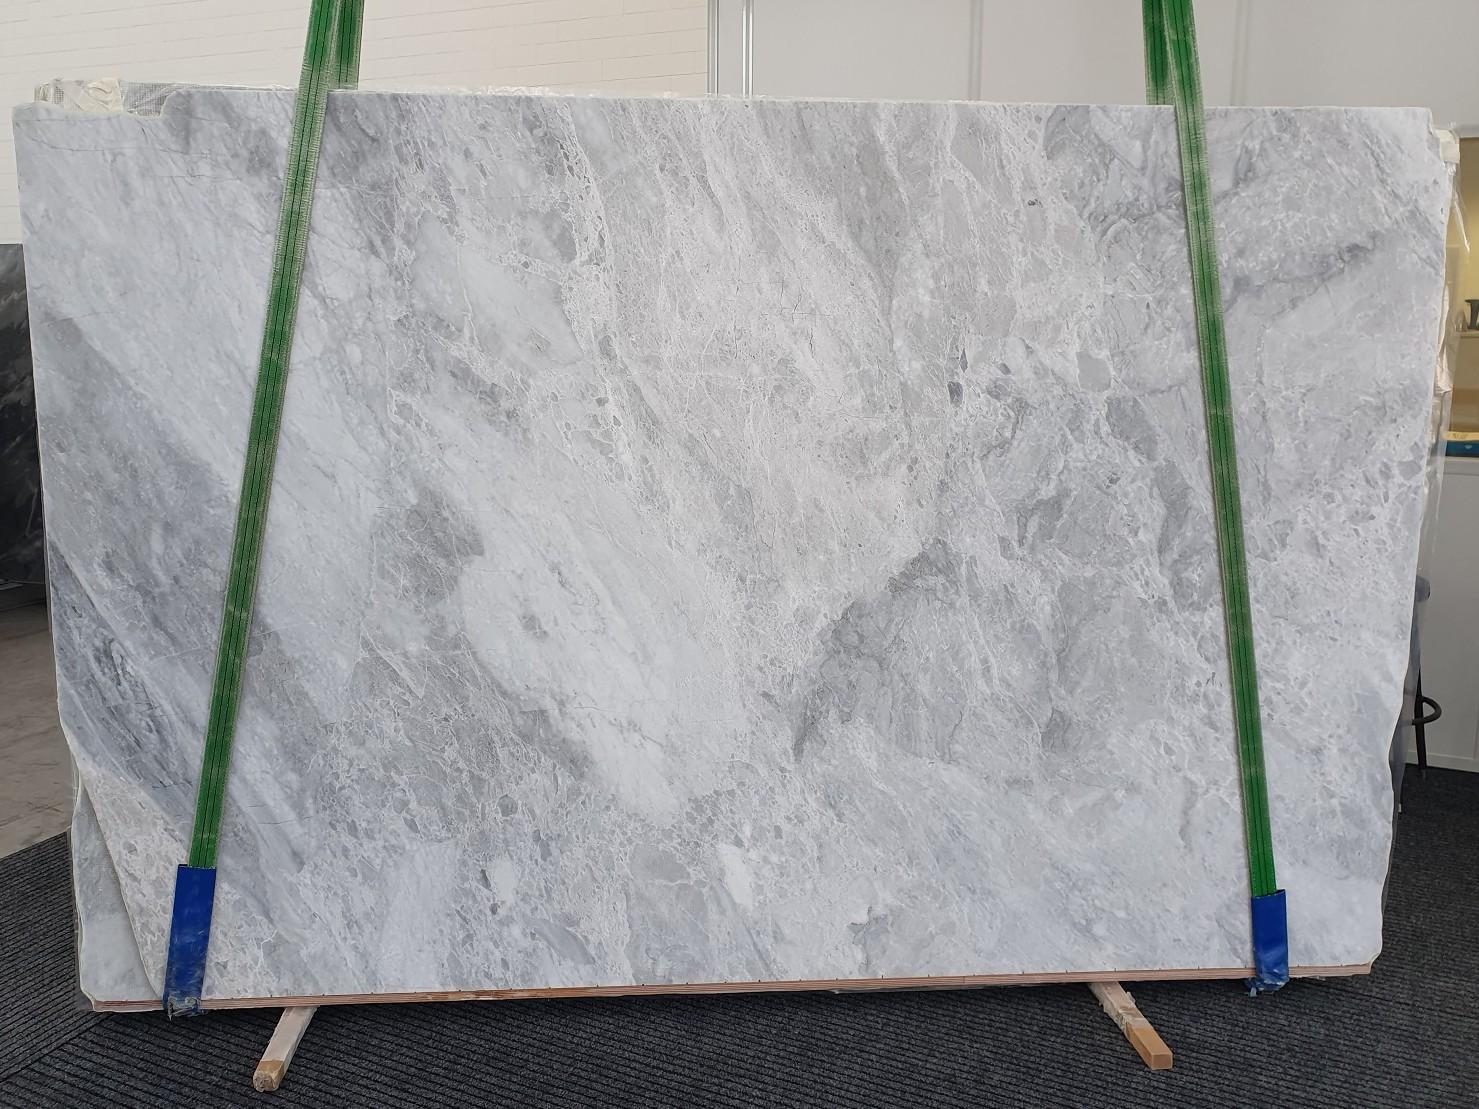 TRAMBISERA Suministro Veneto (Italia) de planchas pulidas en mármol natural 12931 , Bnd04-Slb31